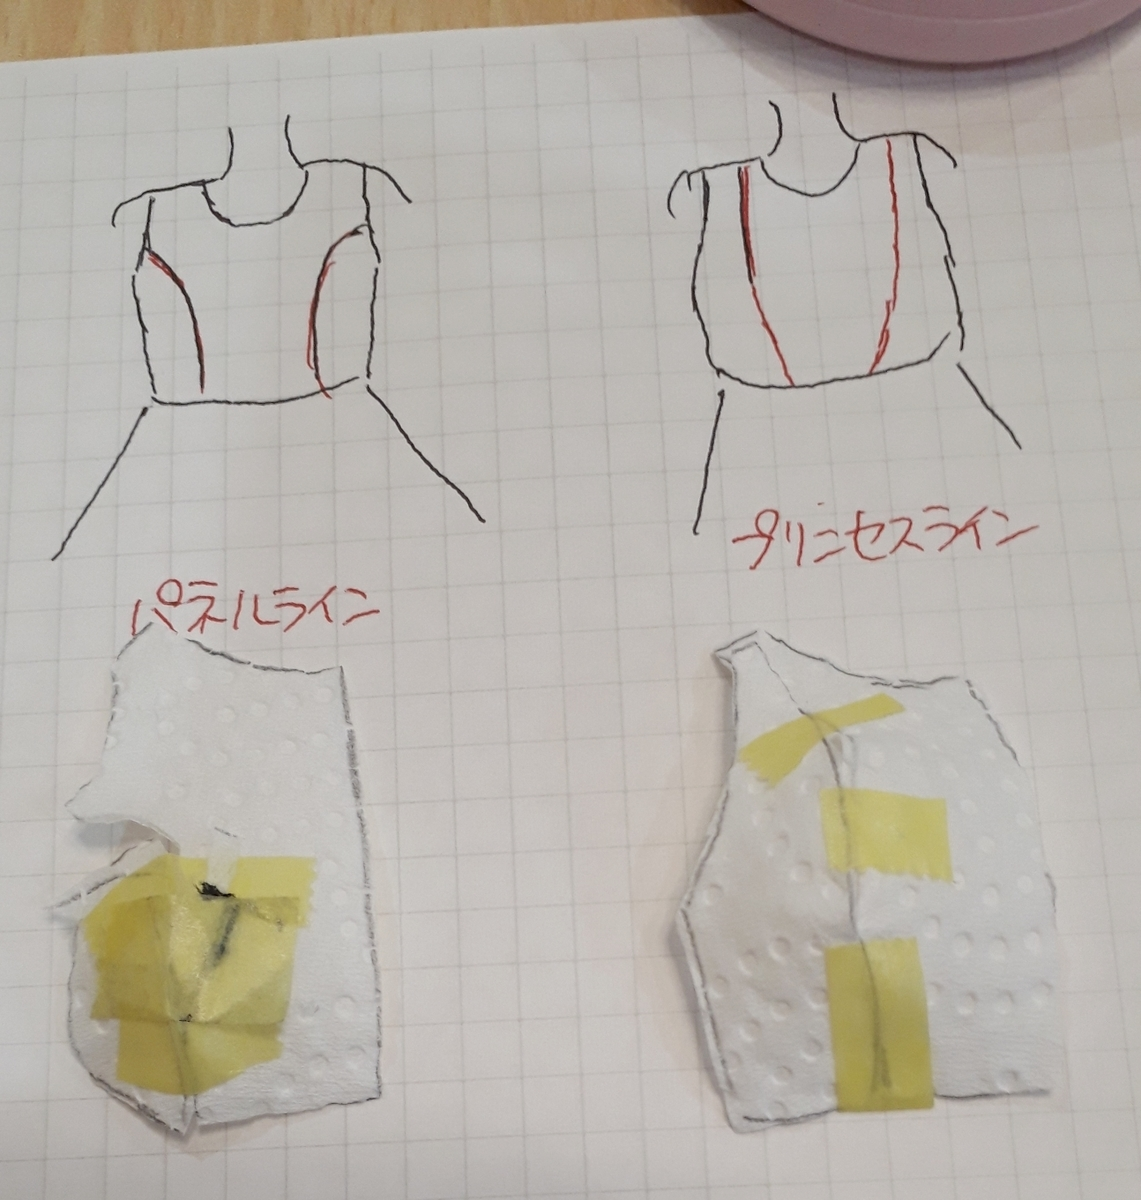 f:id:misami-33:20200531004721j:plain